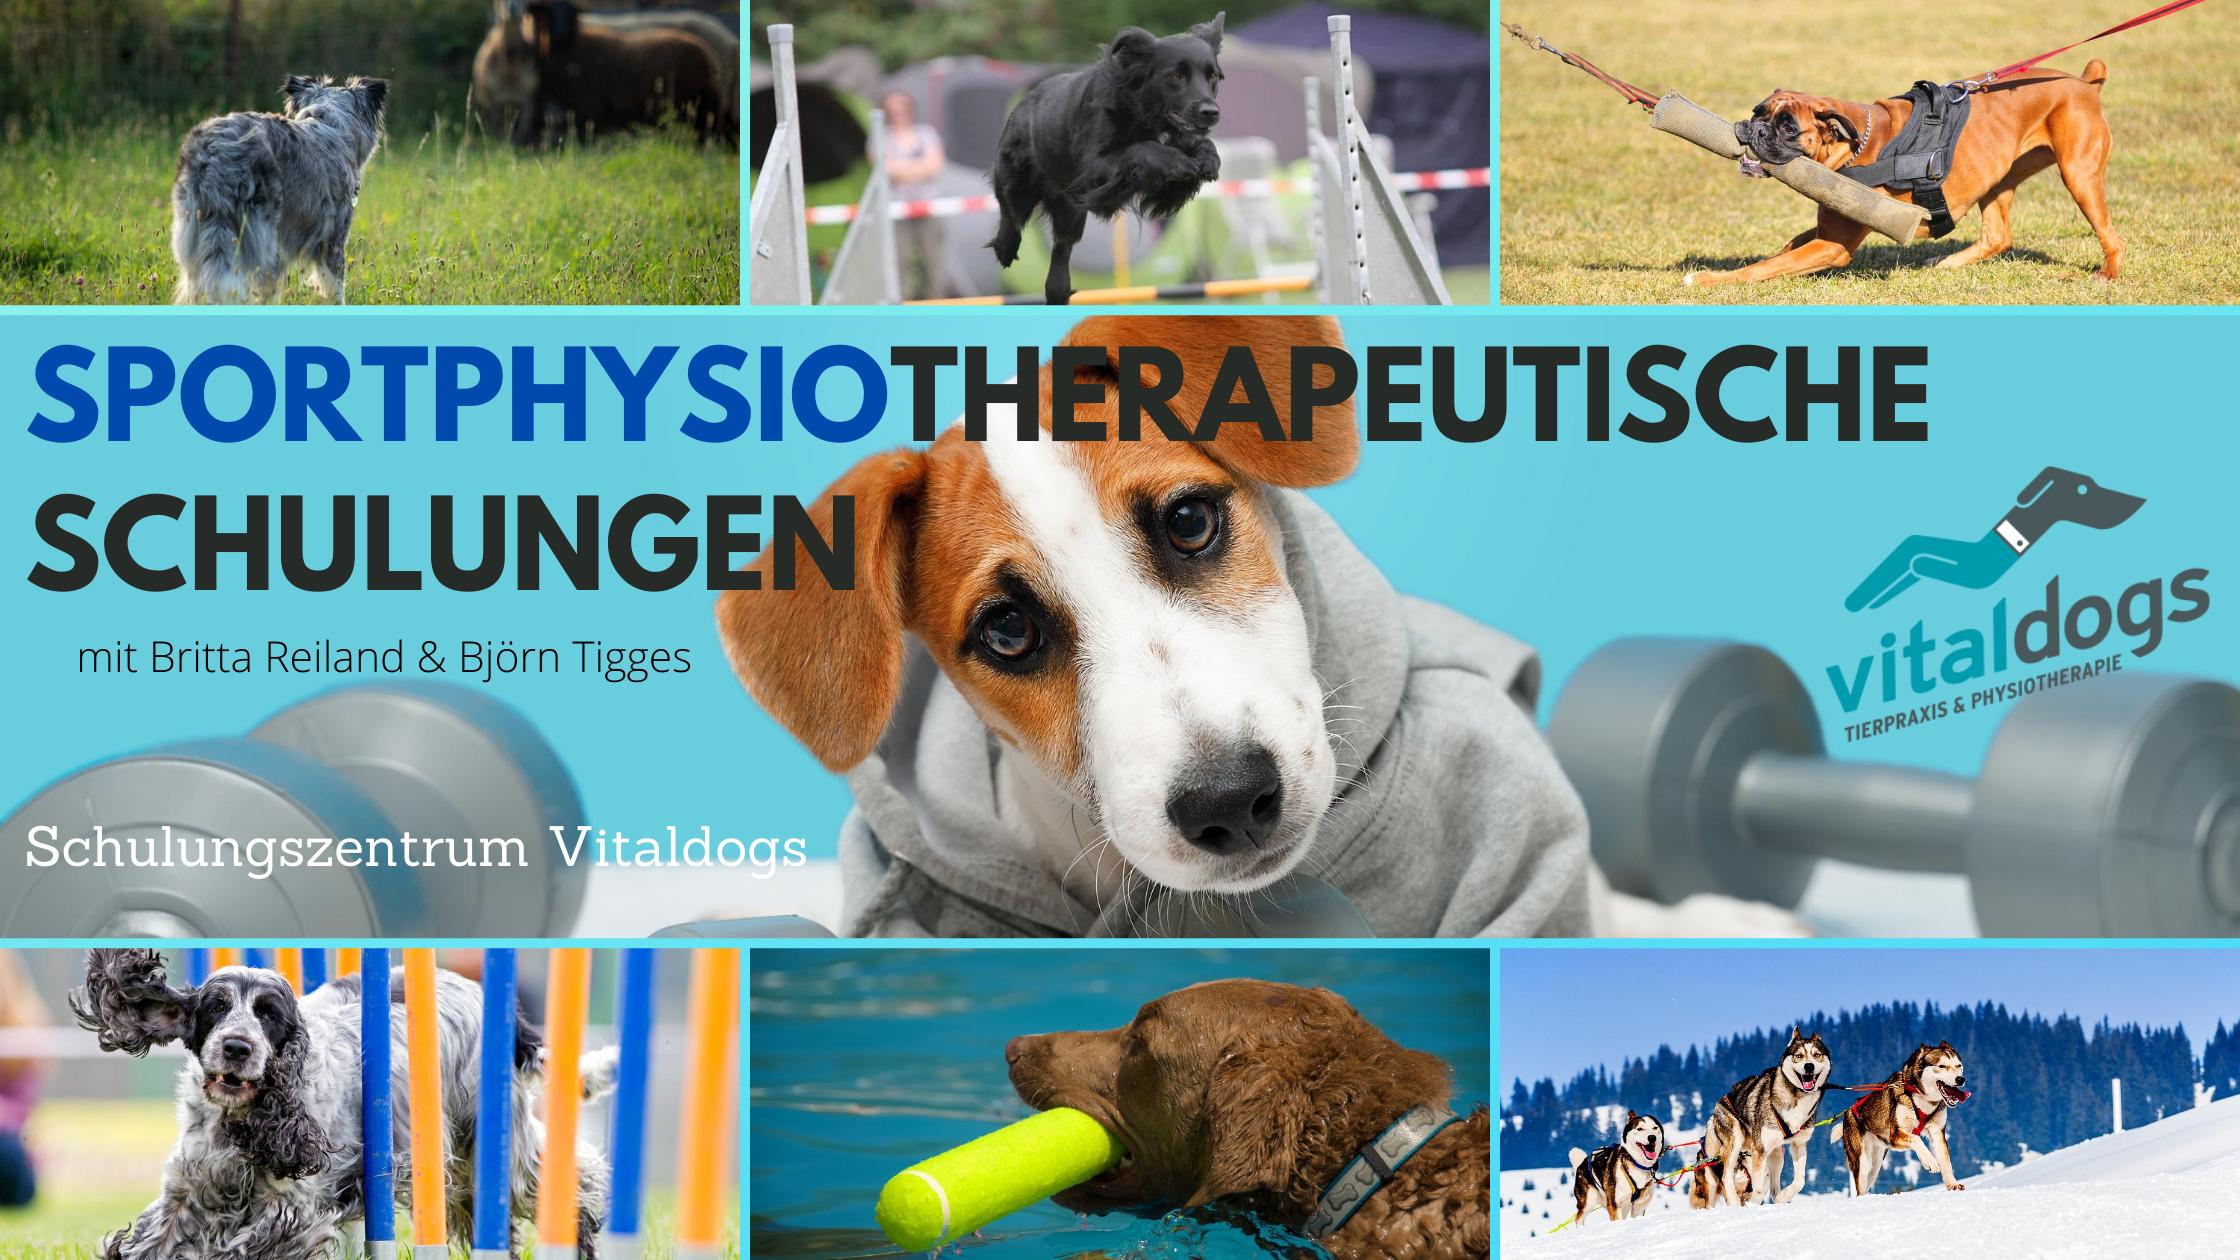 Sportphysiotherapeutische-Schulung-3-neu